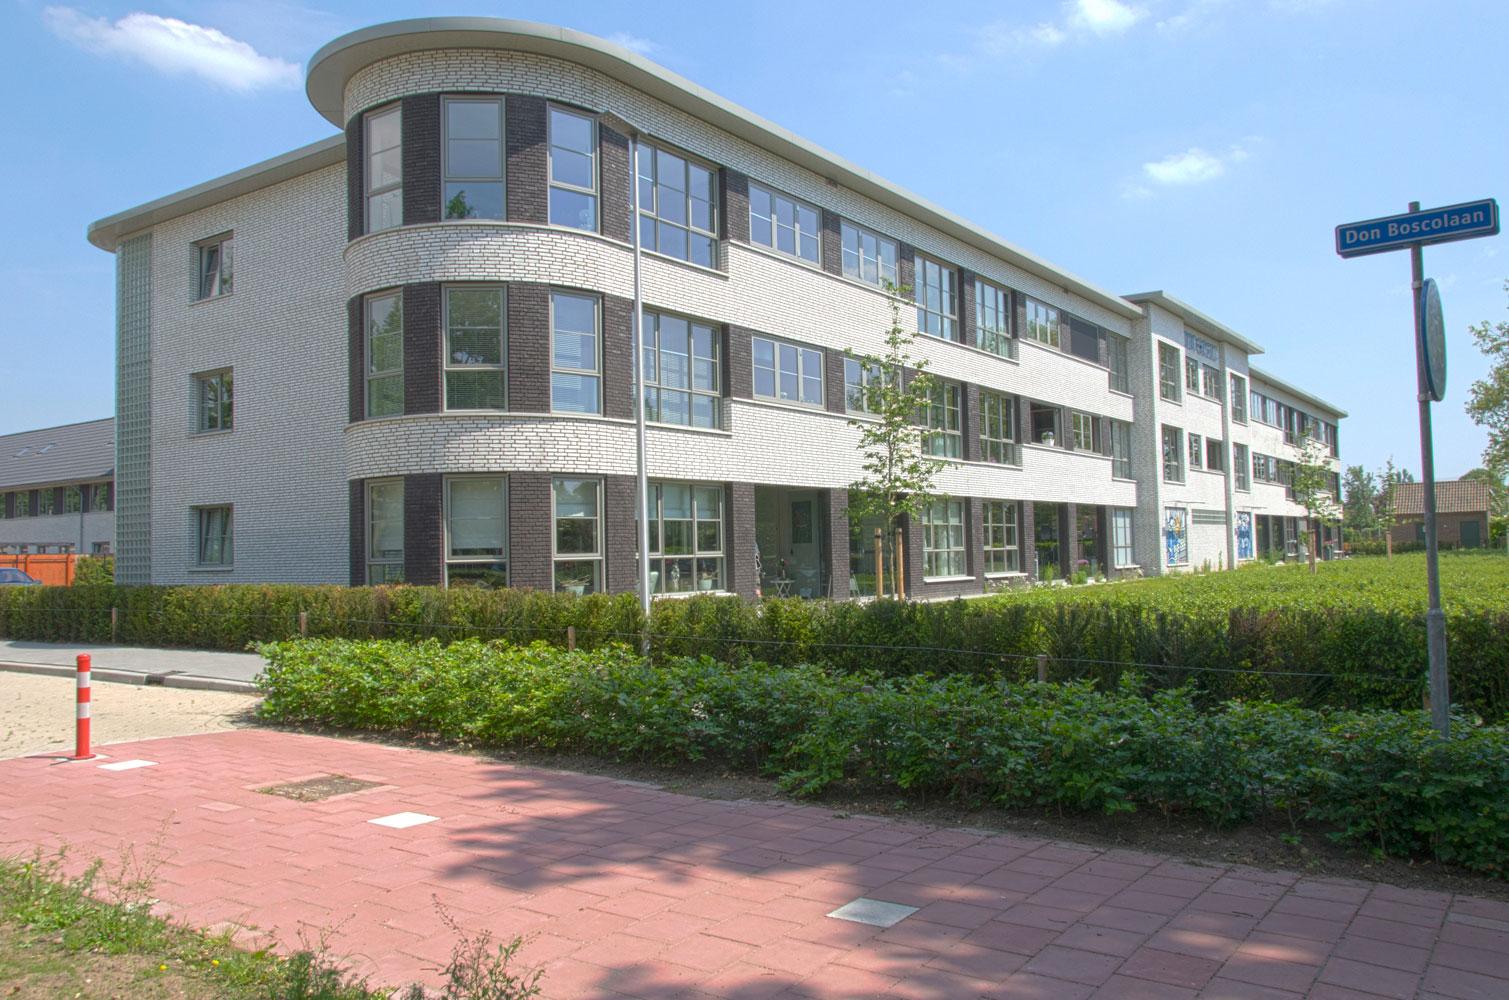 00112ext4 Woningbouw Appartement Don Bosco Etten-Leur